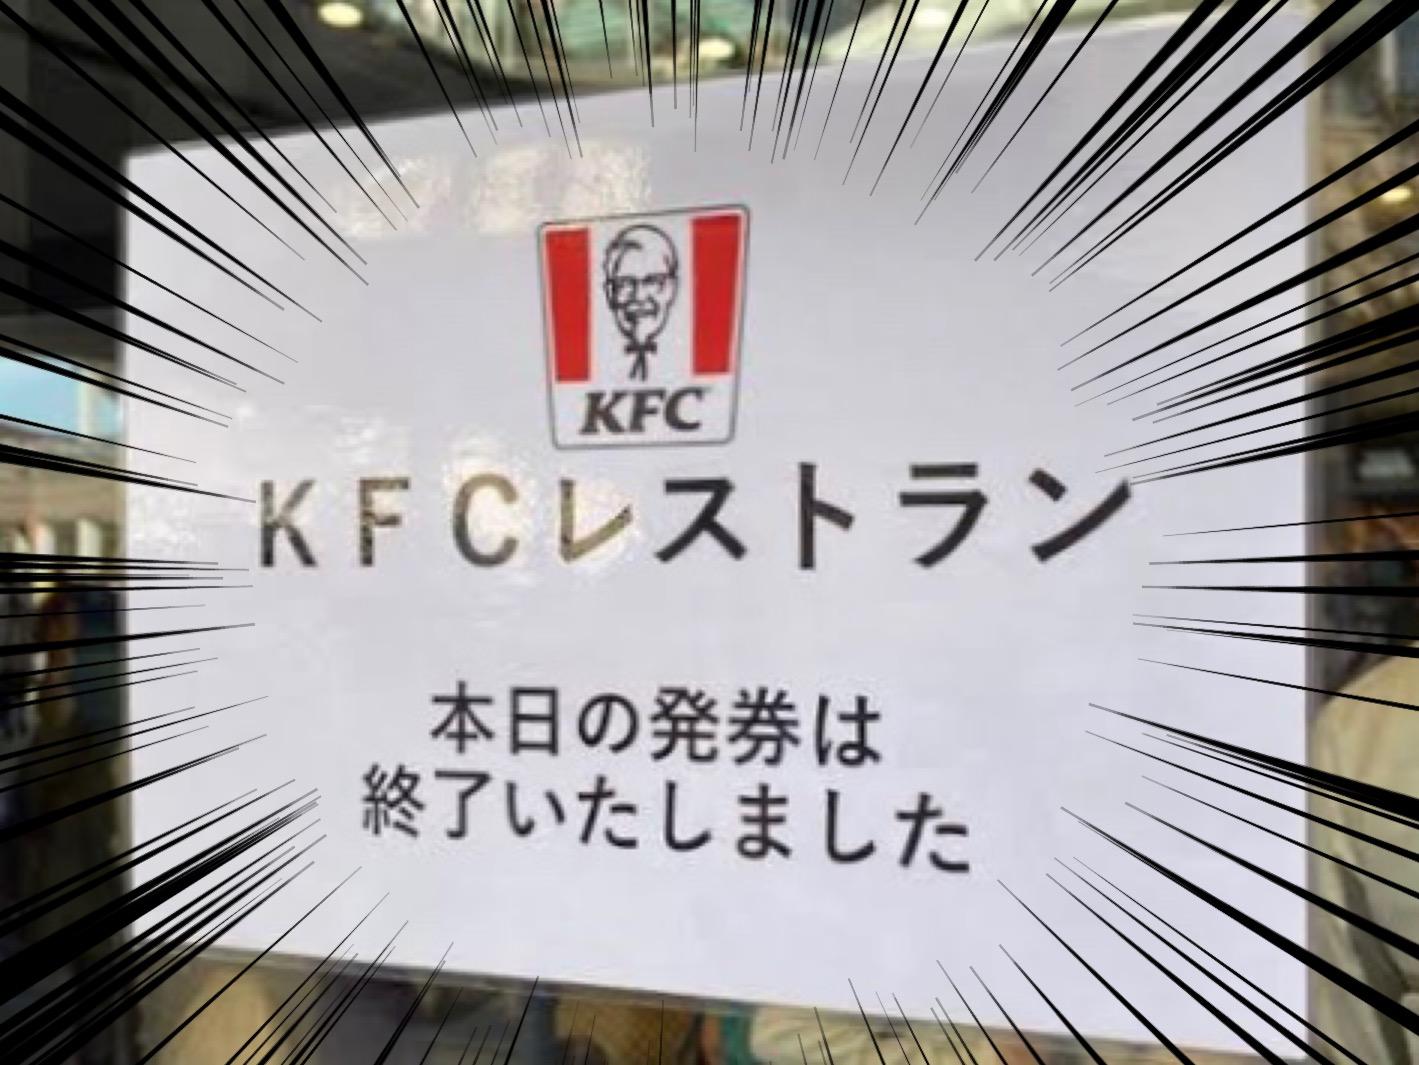 KFCレストラン発見終了 オリジナル転載禁止